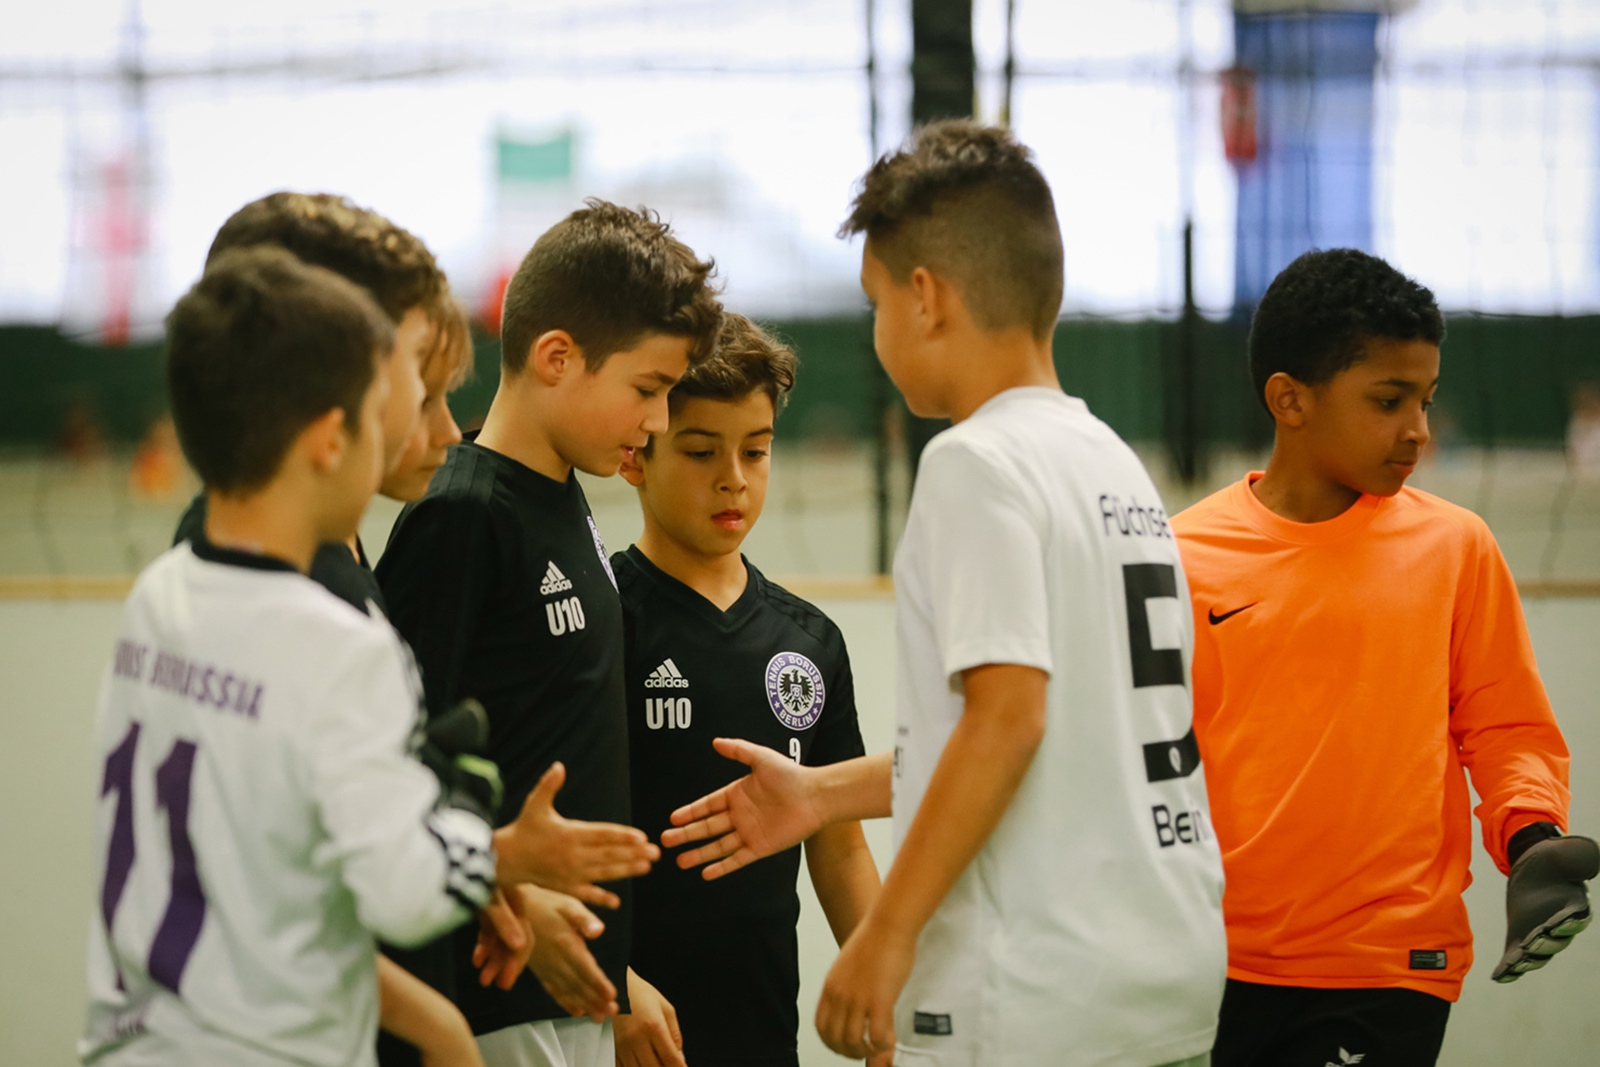 Sport fördert Zugehörigkeit und Akzeptanz